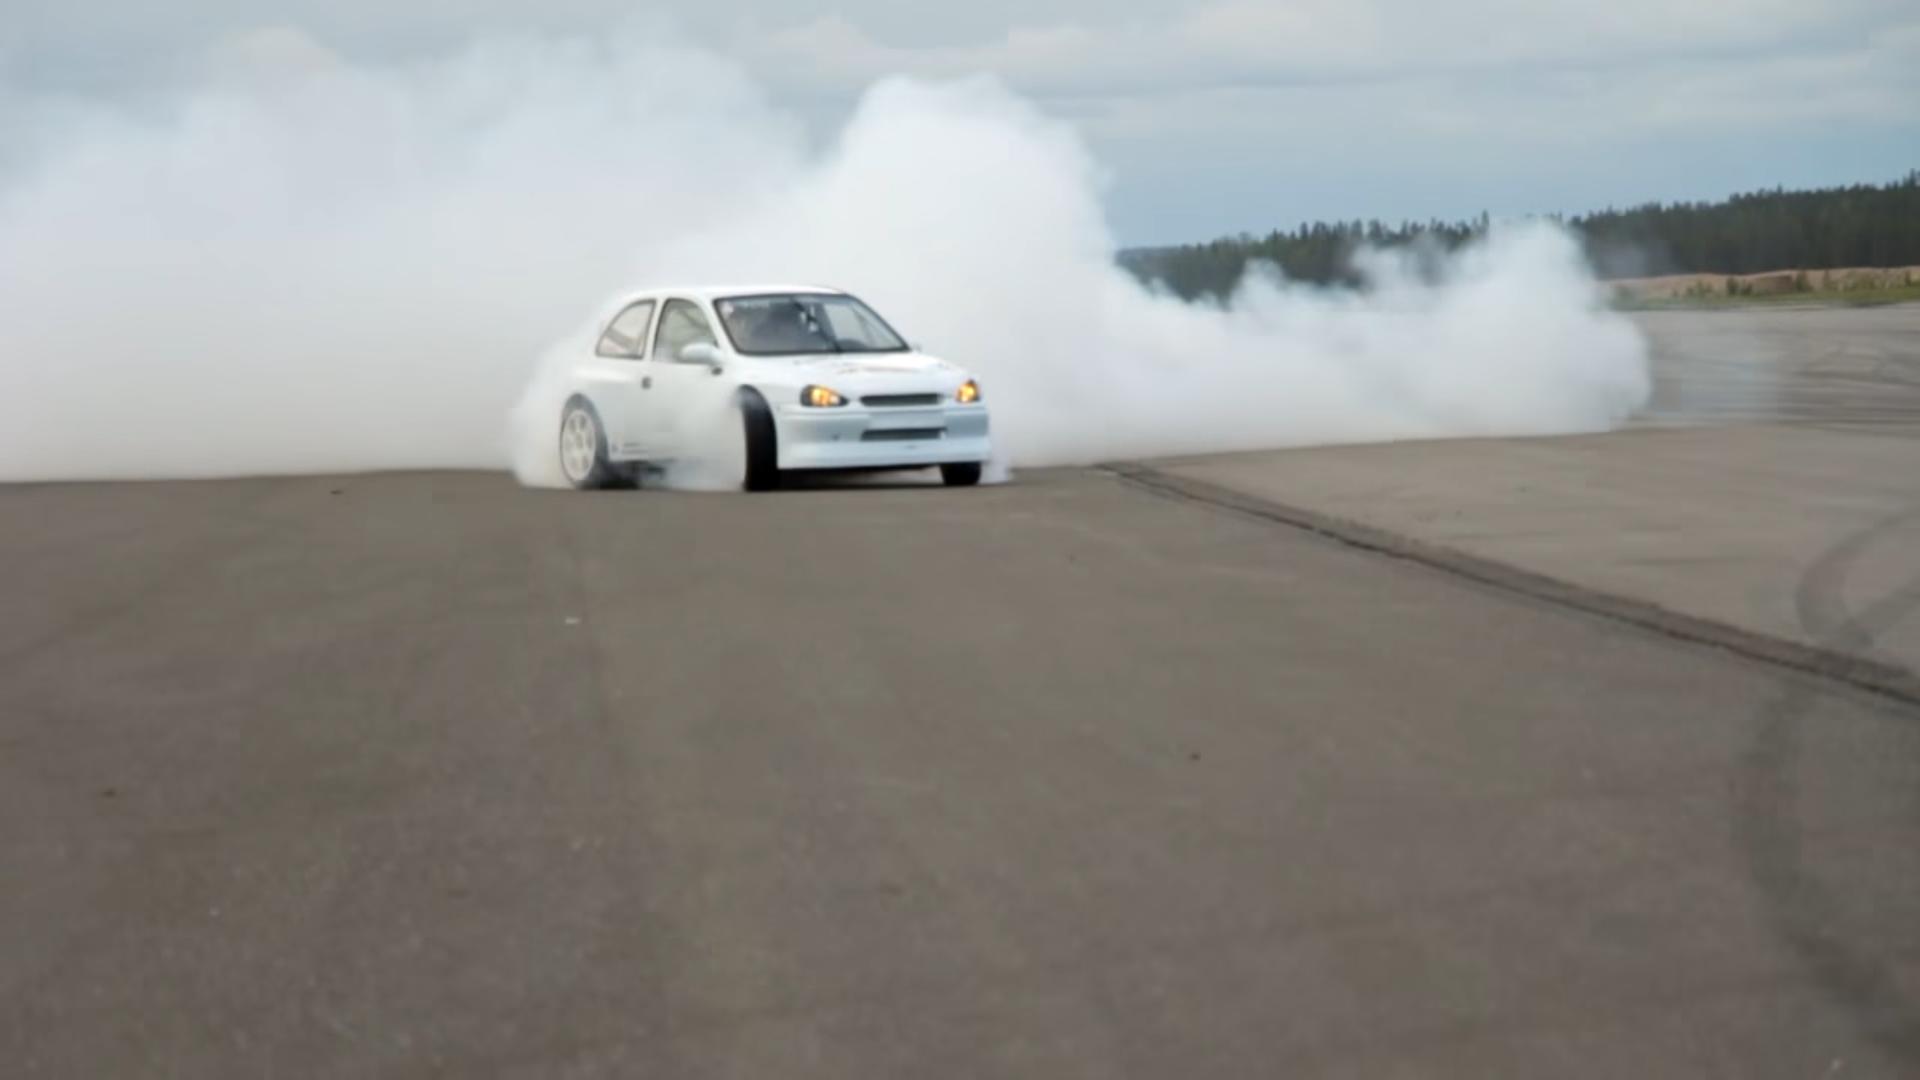 Opel Corsa 4x4 Drift